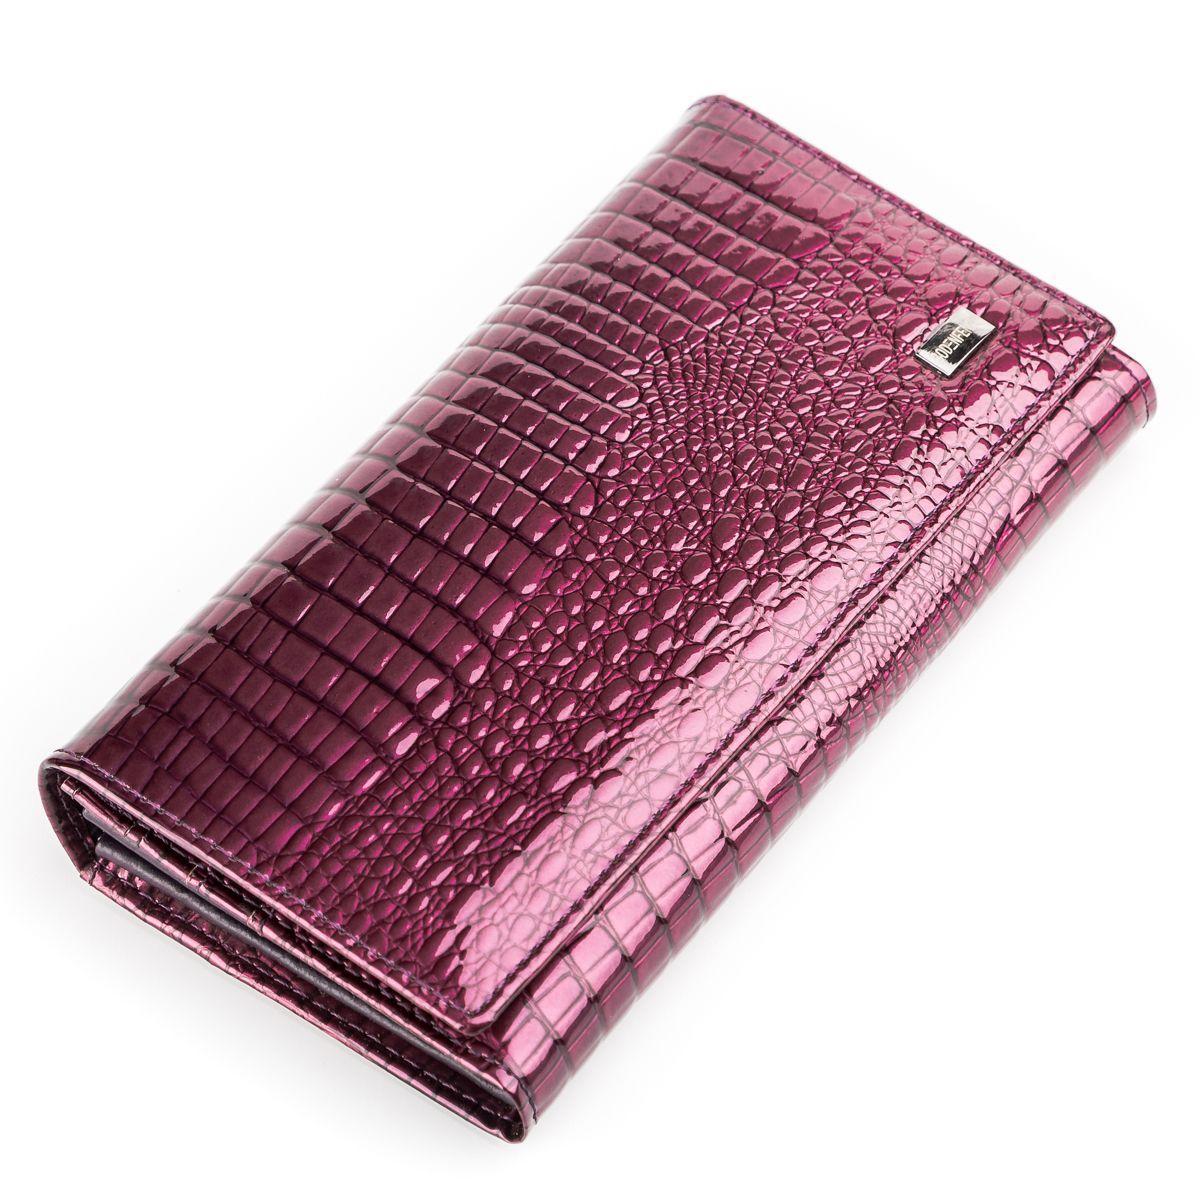 Кошелек женский BODENFENDY 13848 кожаный Фиолетовый